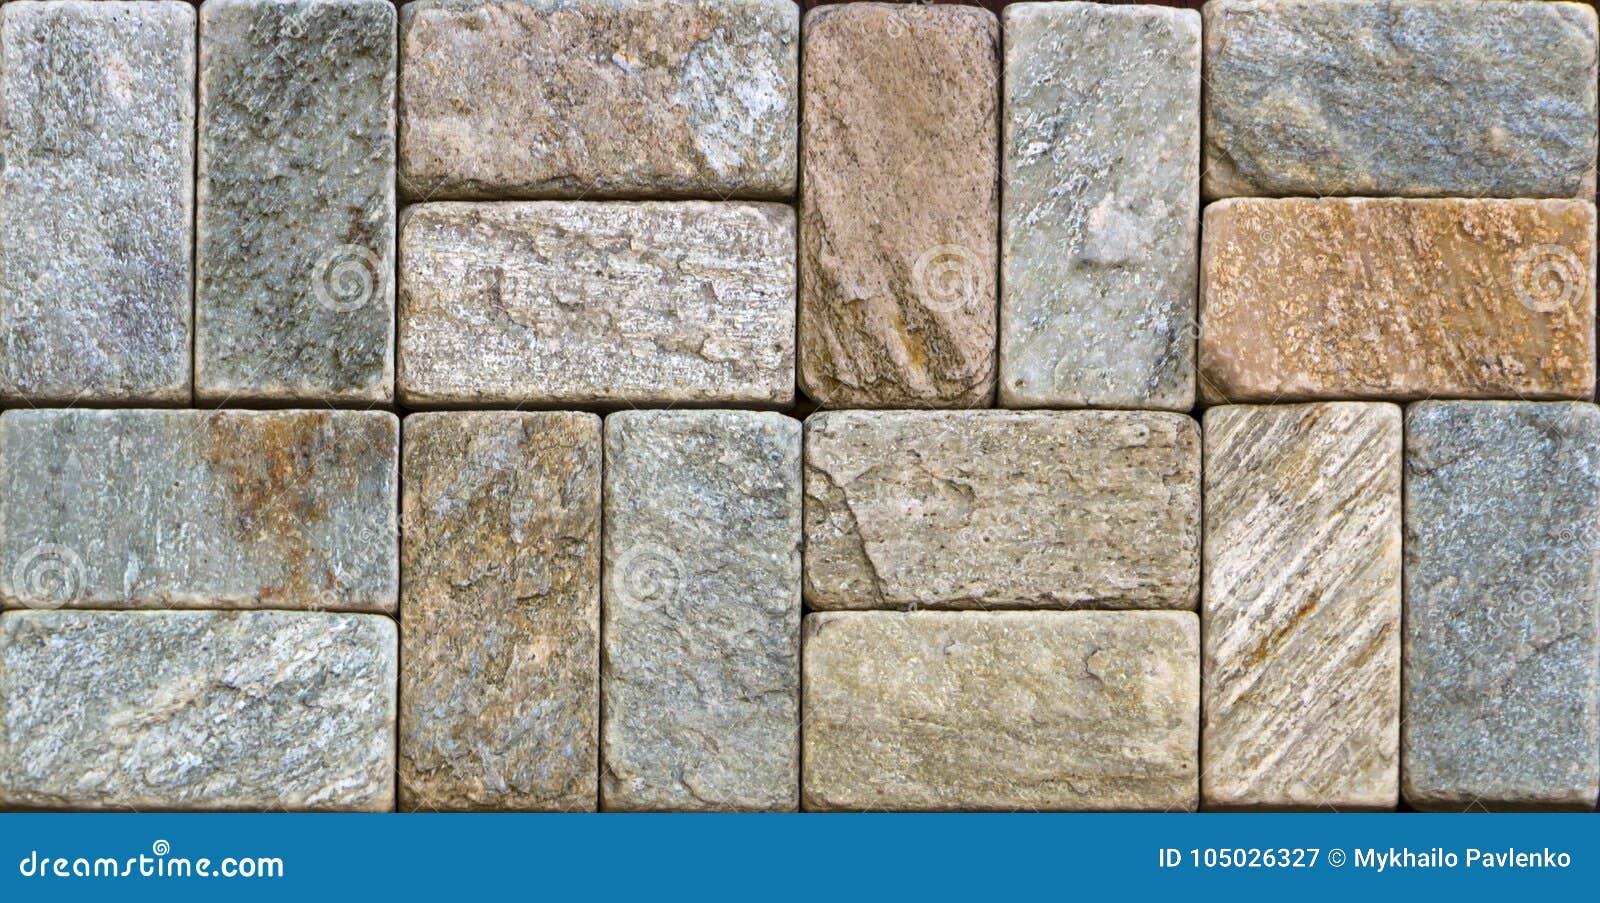 Ladrillo decorativo de la textura de mármol, tejas de la pared hechas de piedra natural Materiales de construcción